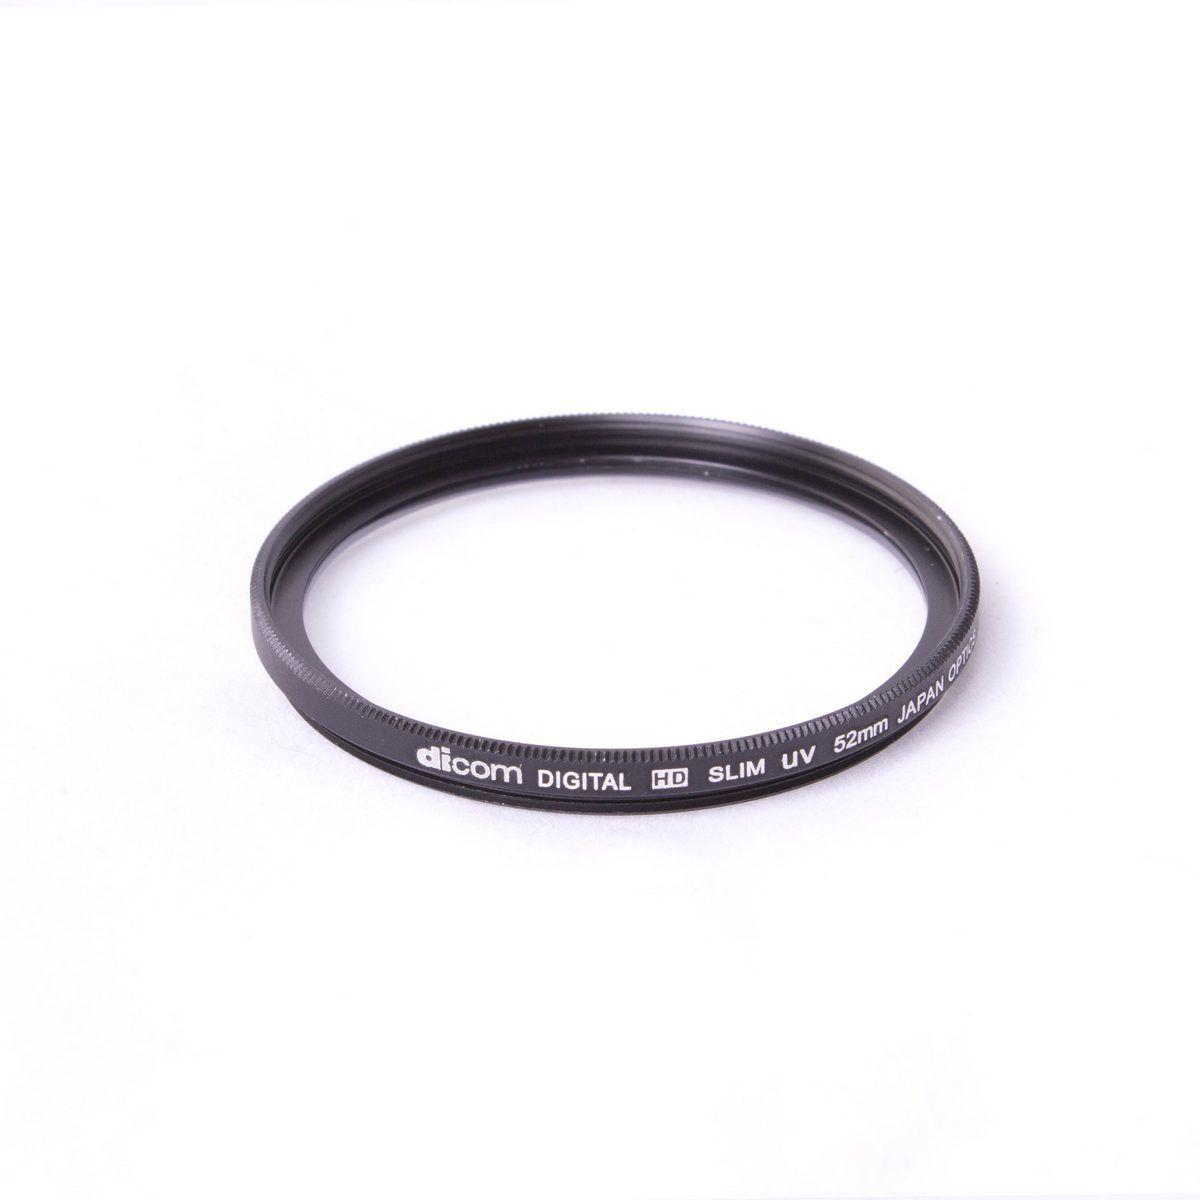 Dicom D-UVS52 52mm UV Slim тонкооправный фильтр